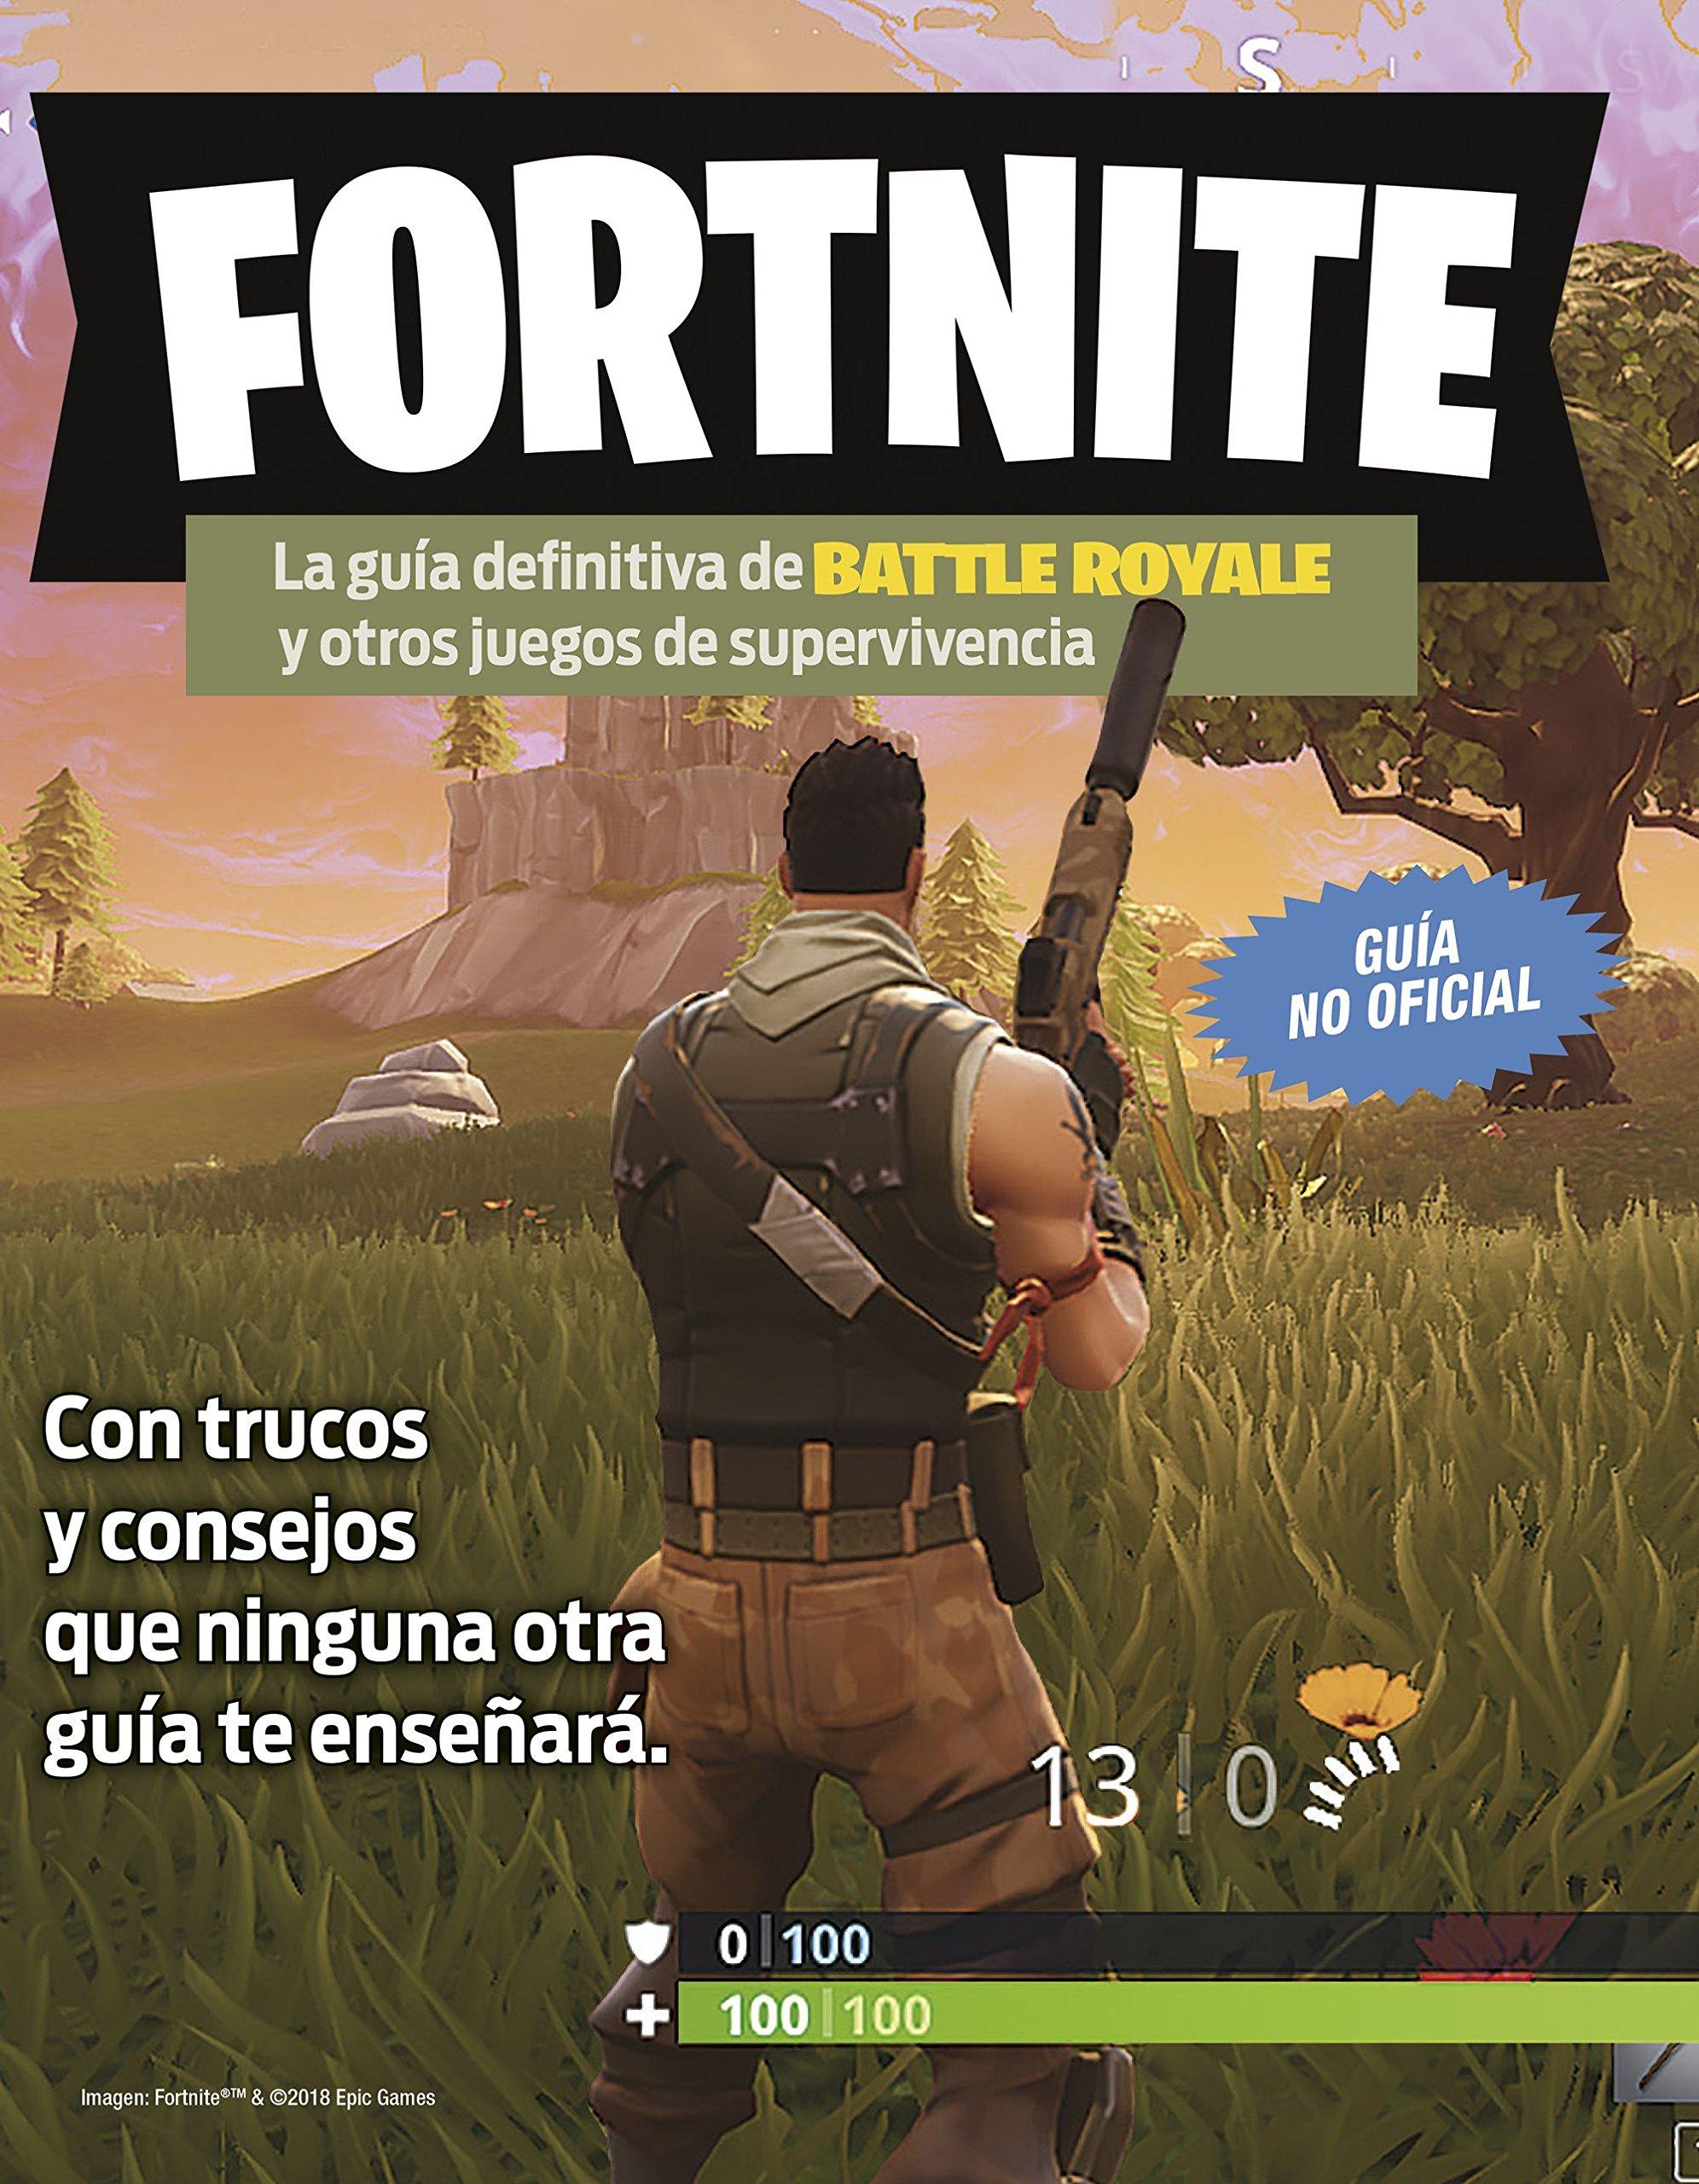 Fortnite La Guia Definitiva De Battle Royale Y Otros Juegos De